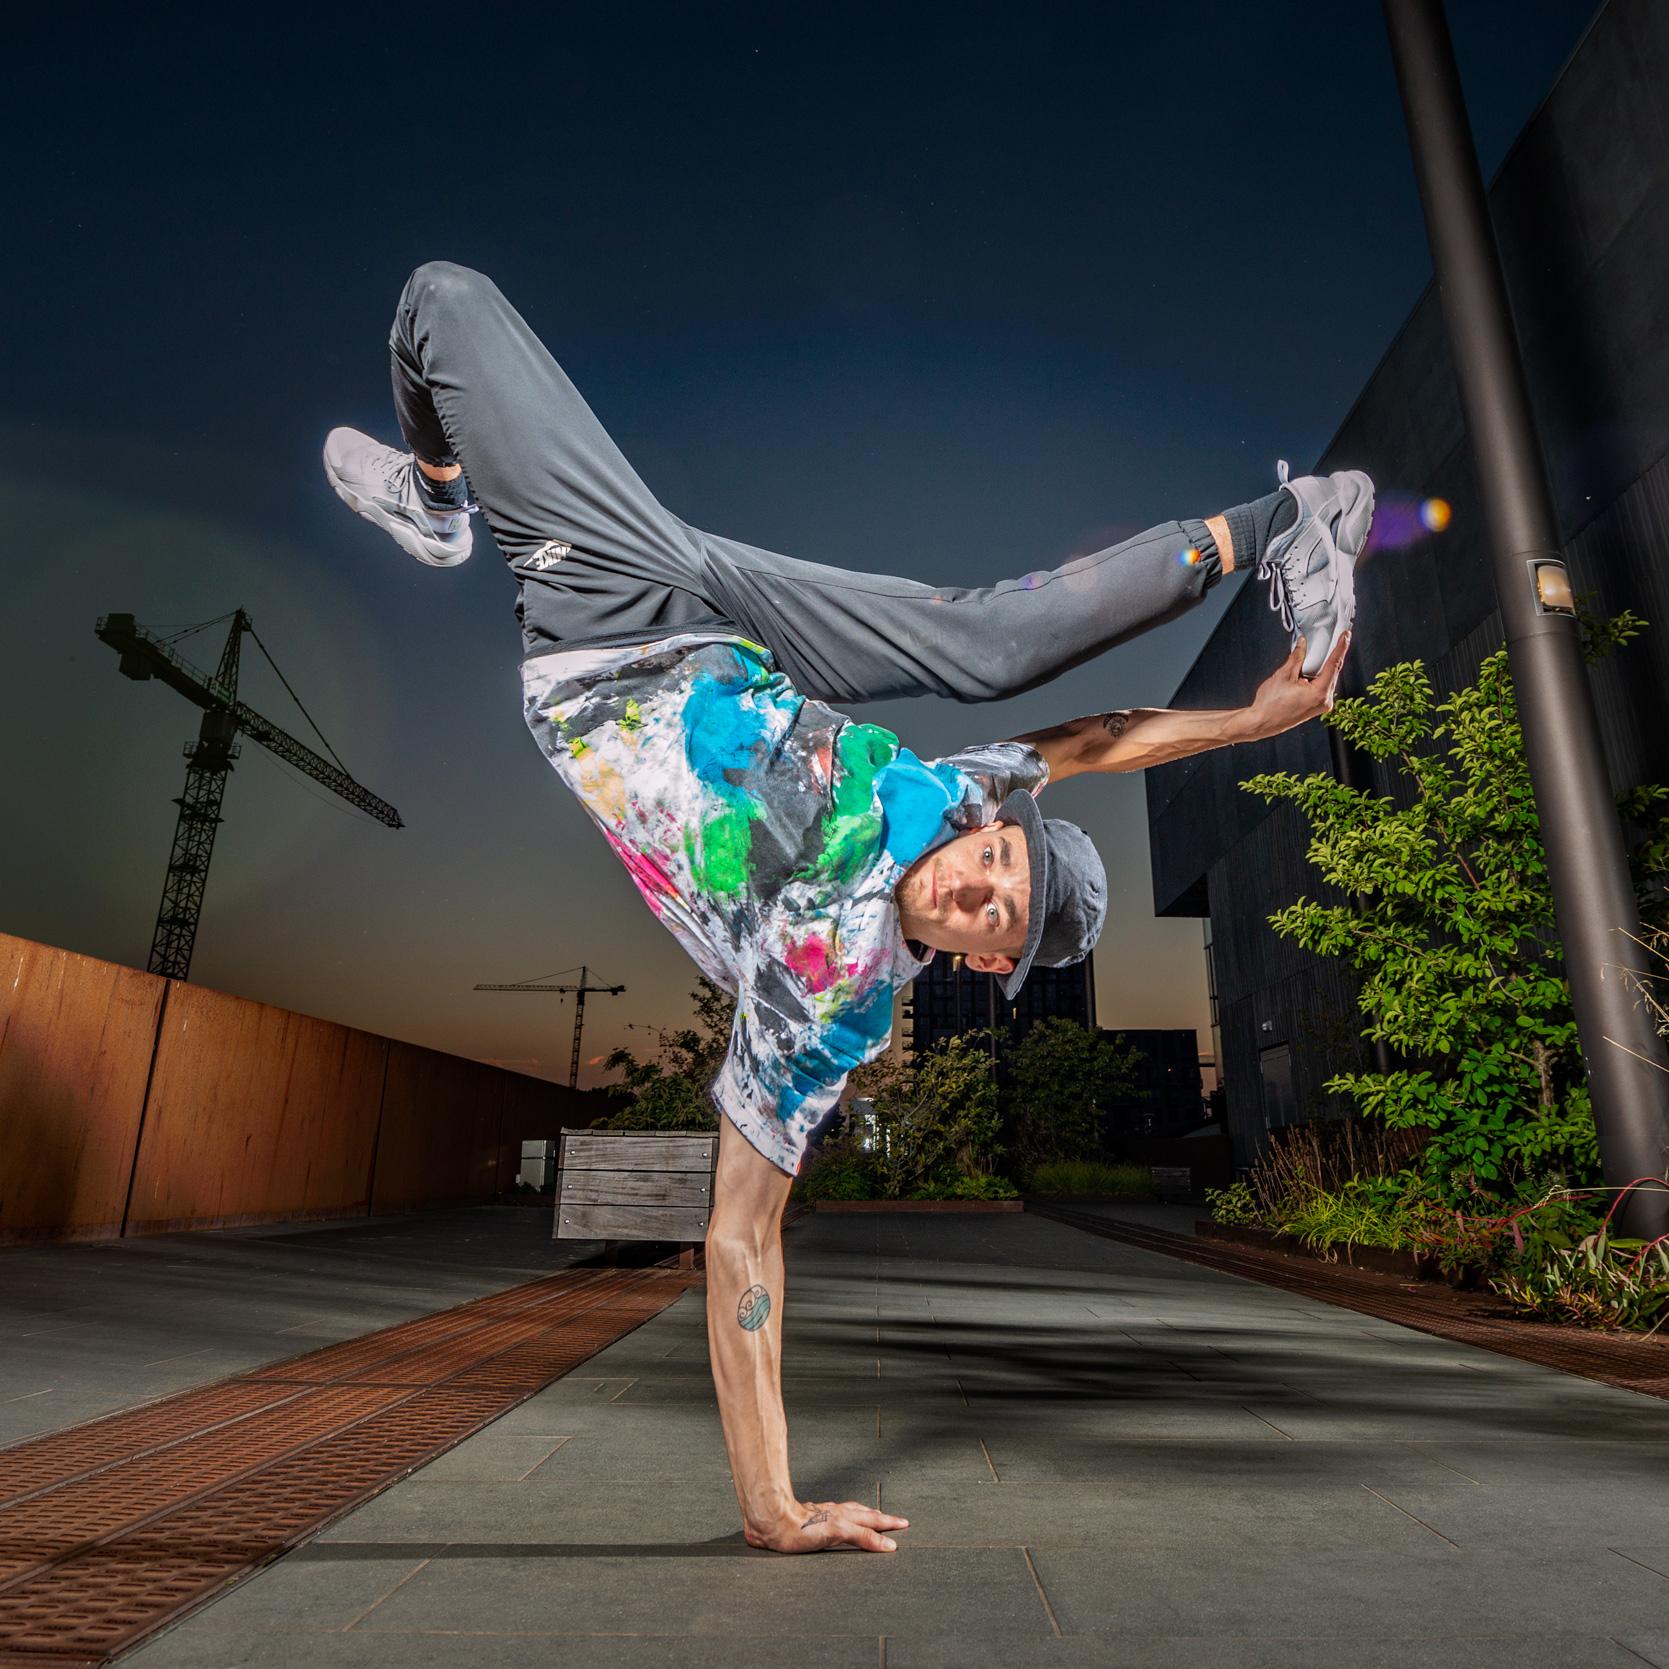 Breakdance x Ruud van Bragt x MESMO (2018)